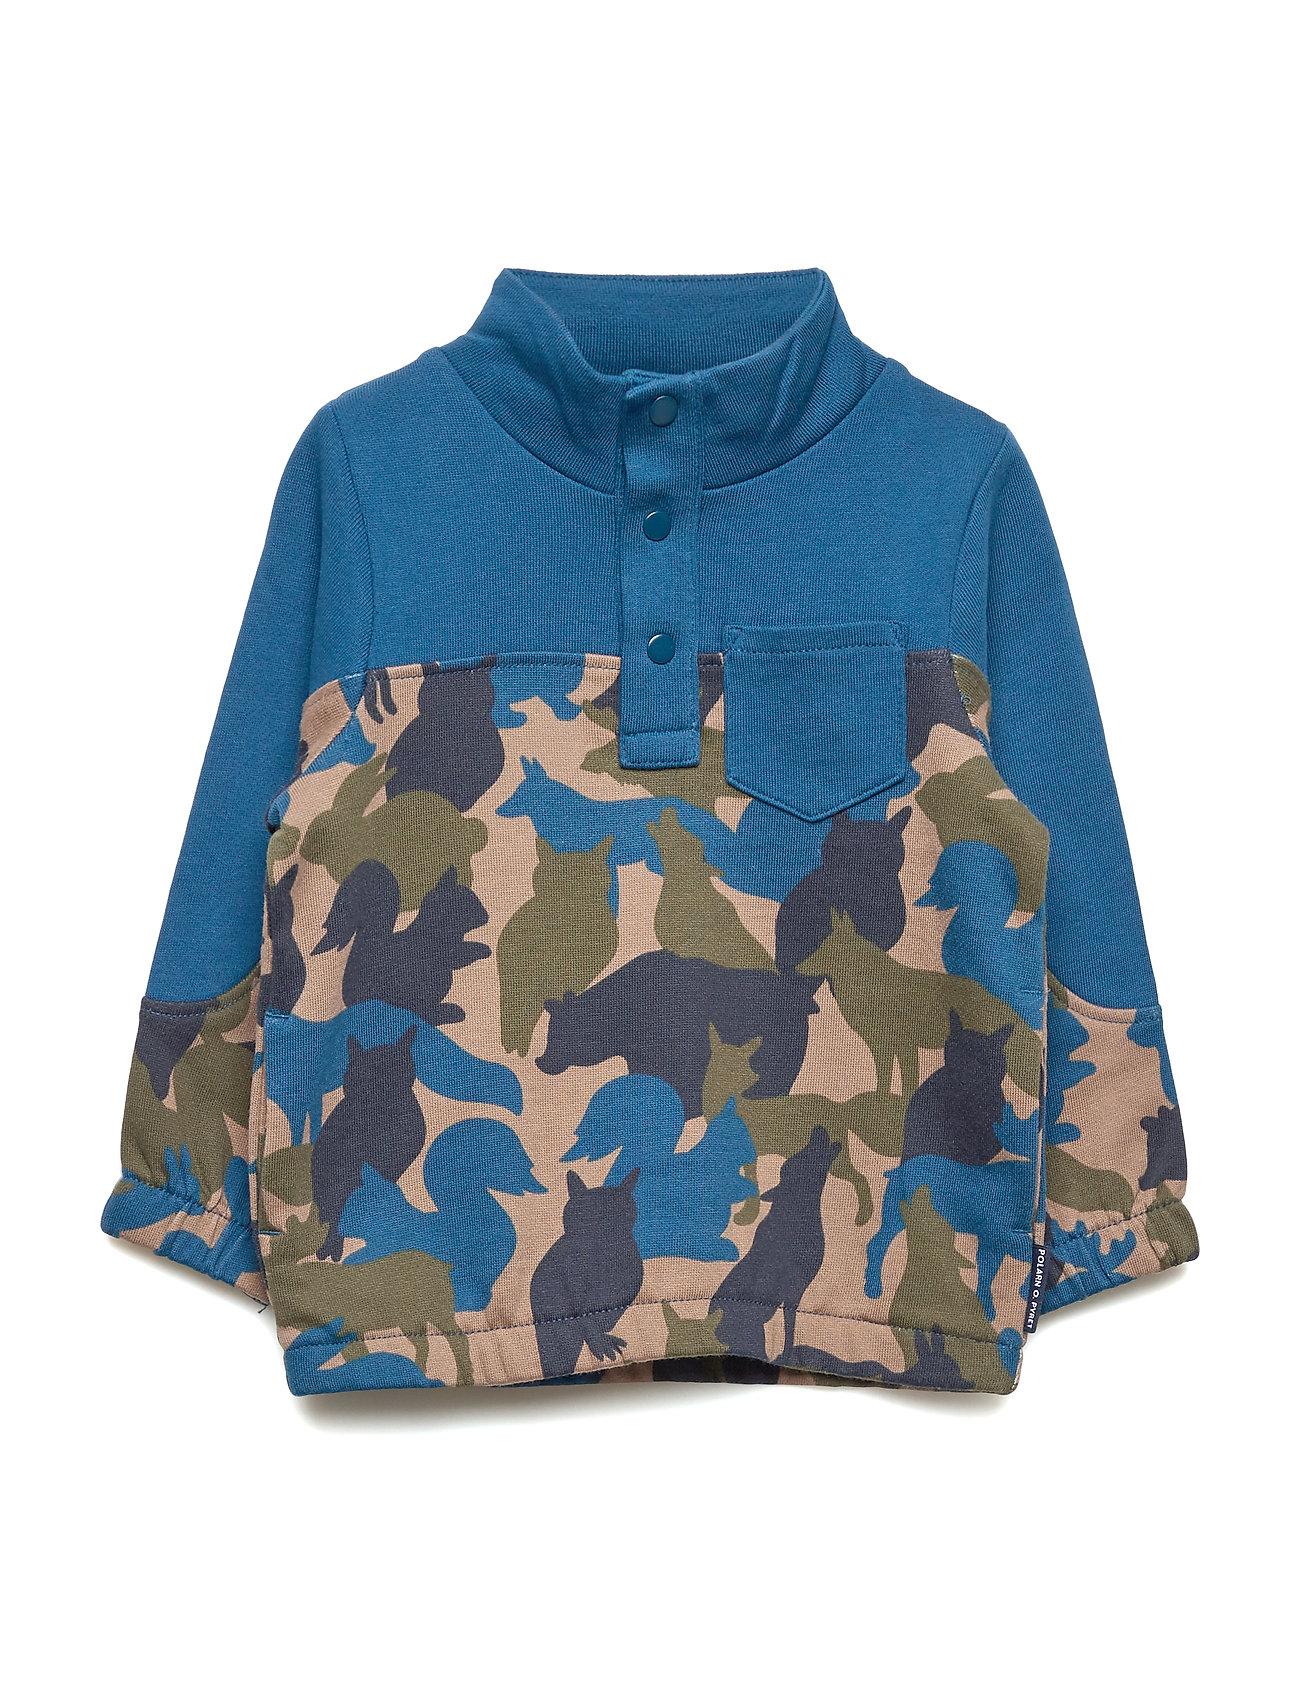 Polarn O. Pyret Sweater L/S Preschool - GIBRALTAR SEA